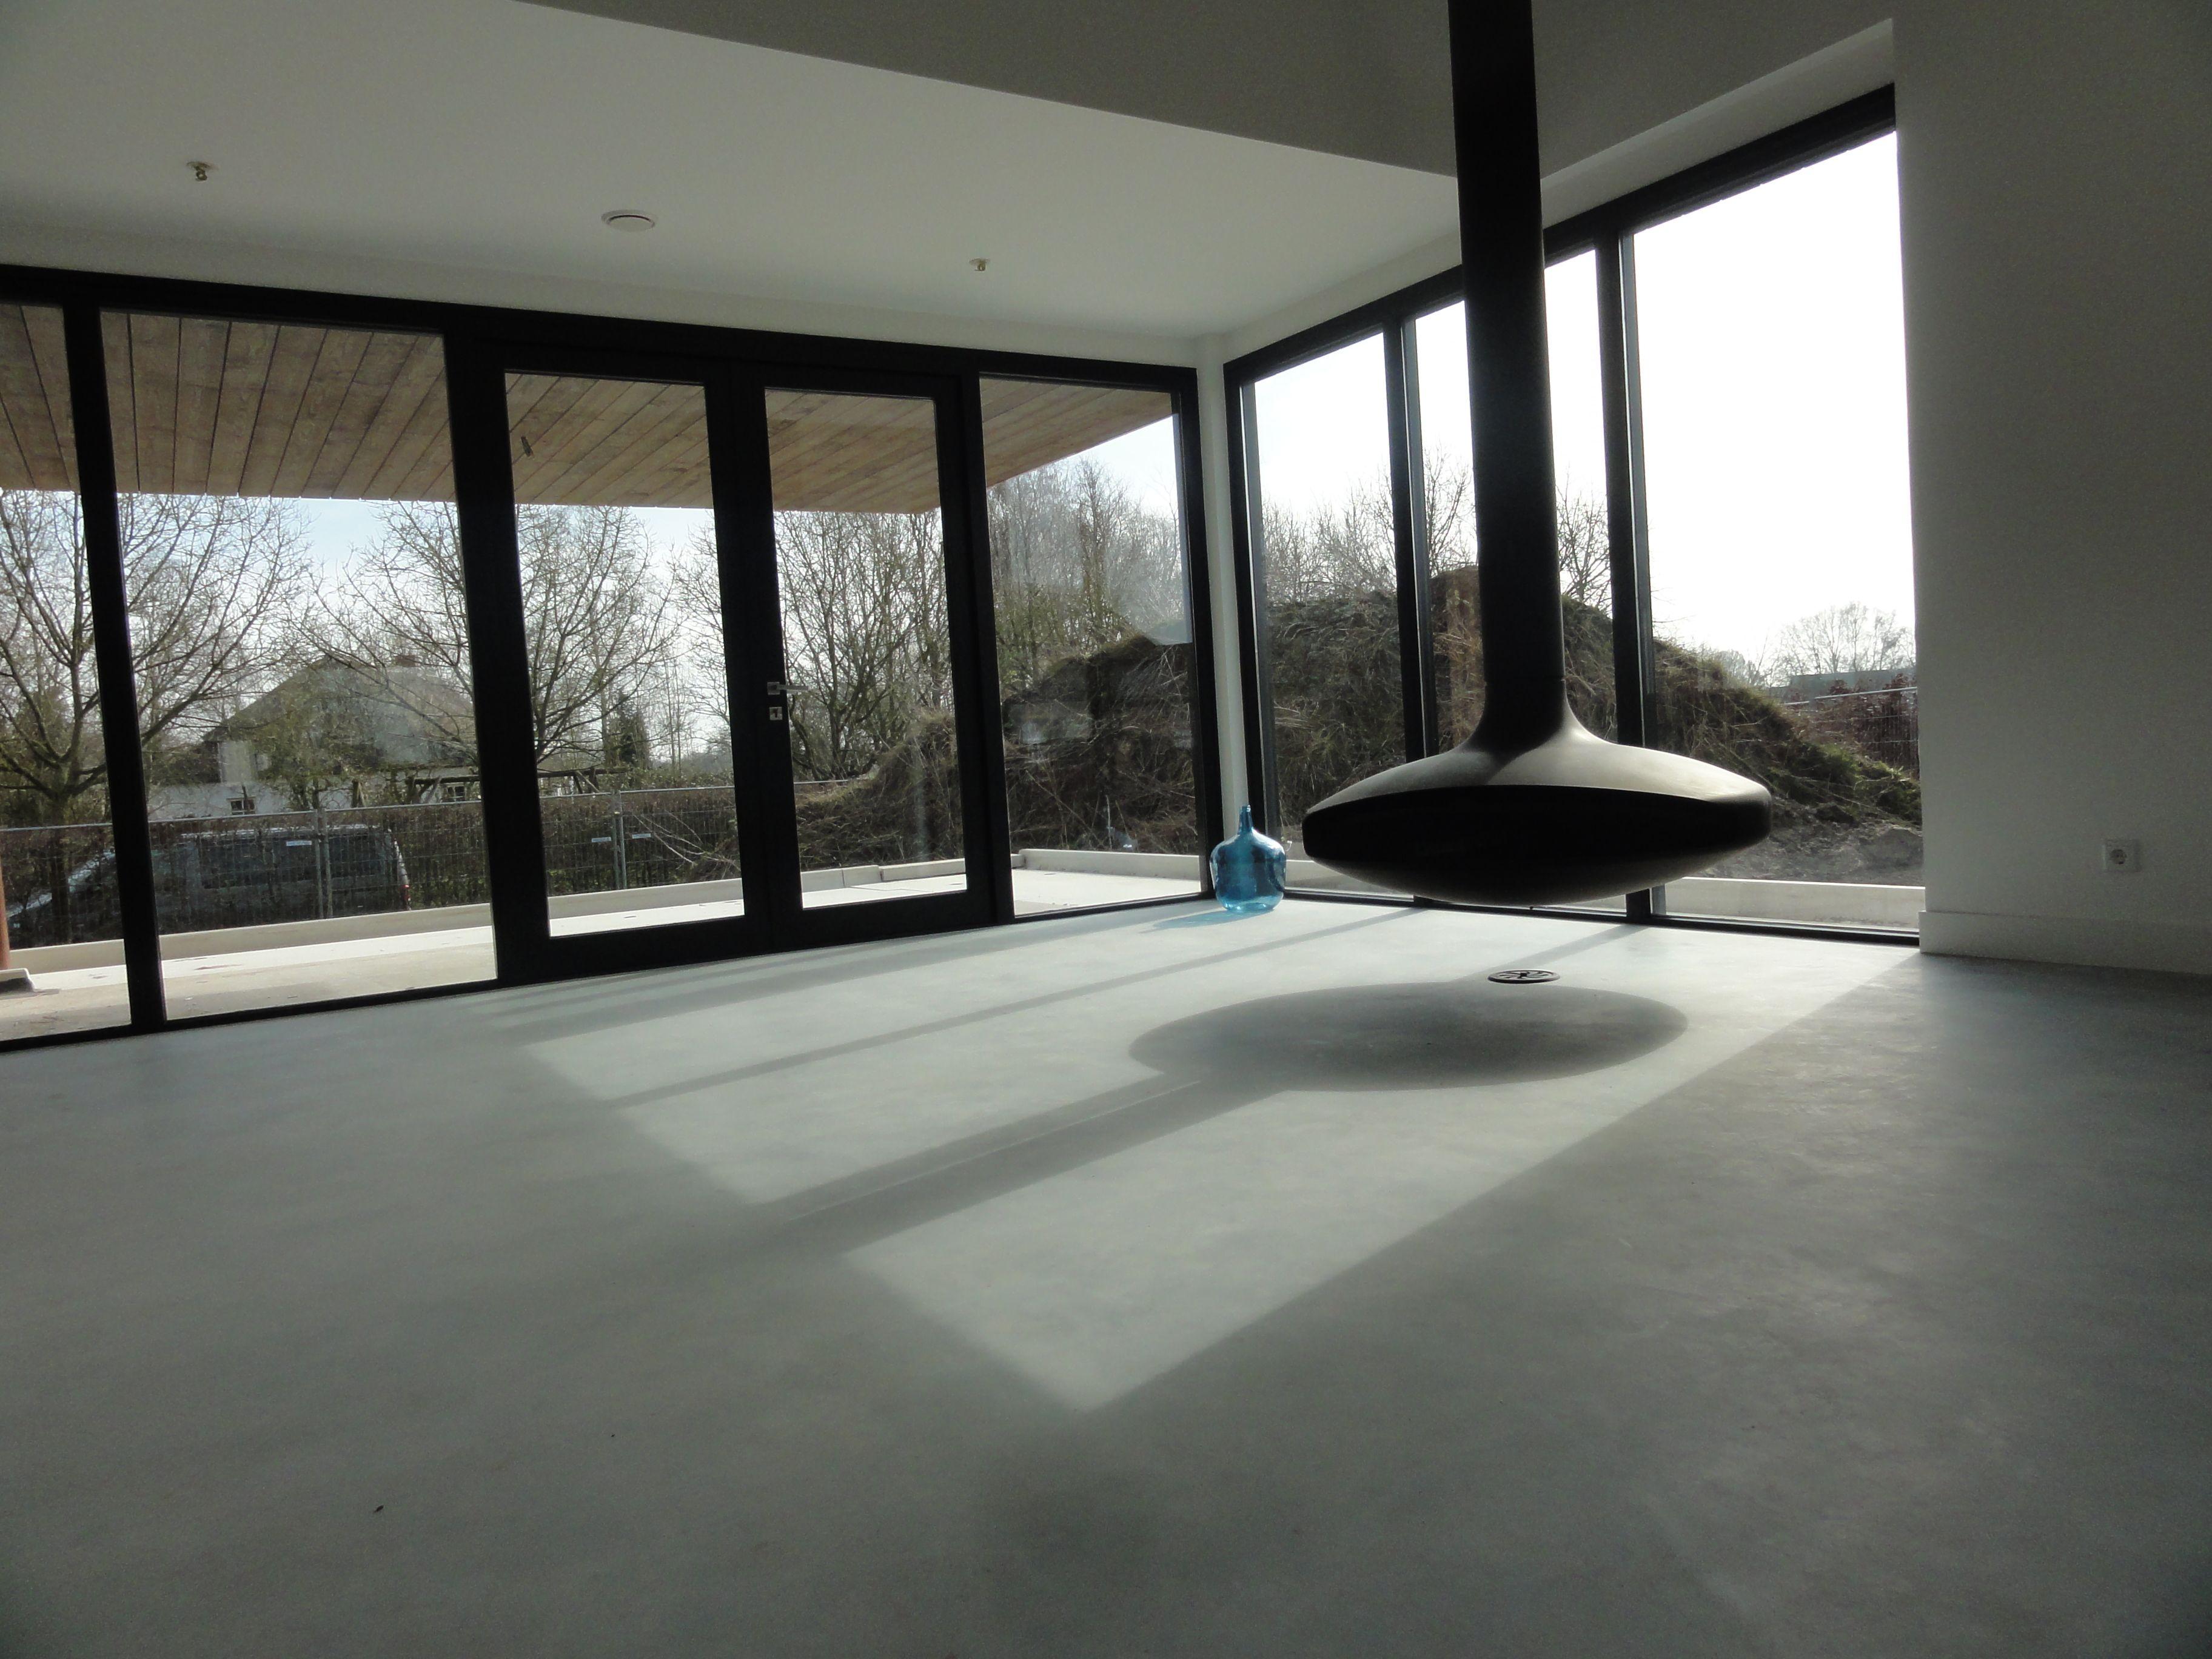 betonnen vloer, vrijhangende open haard FOCUS, woonkamer